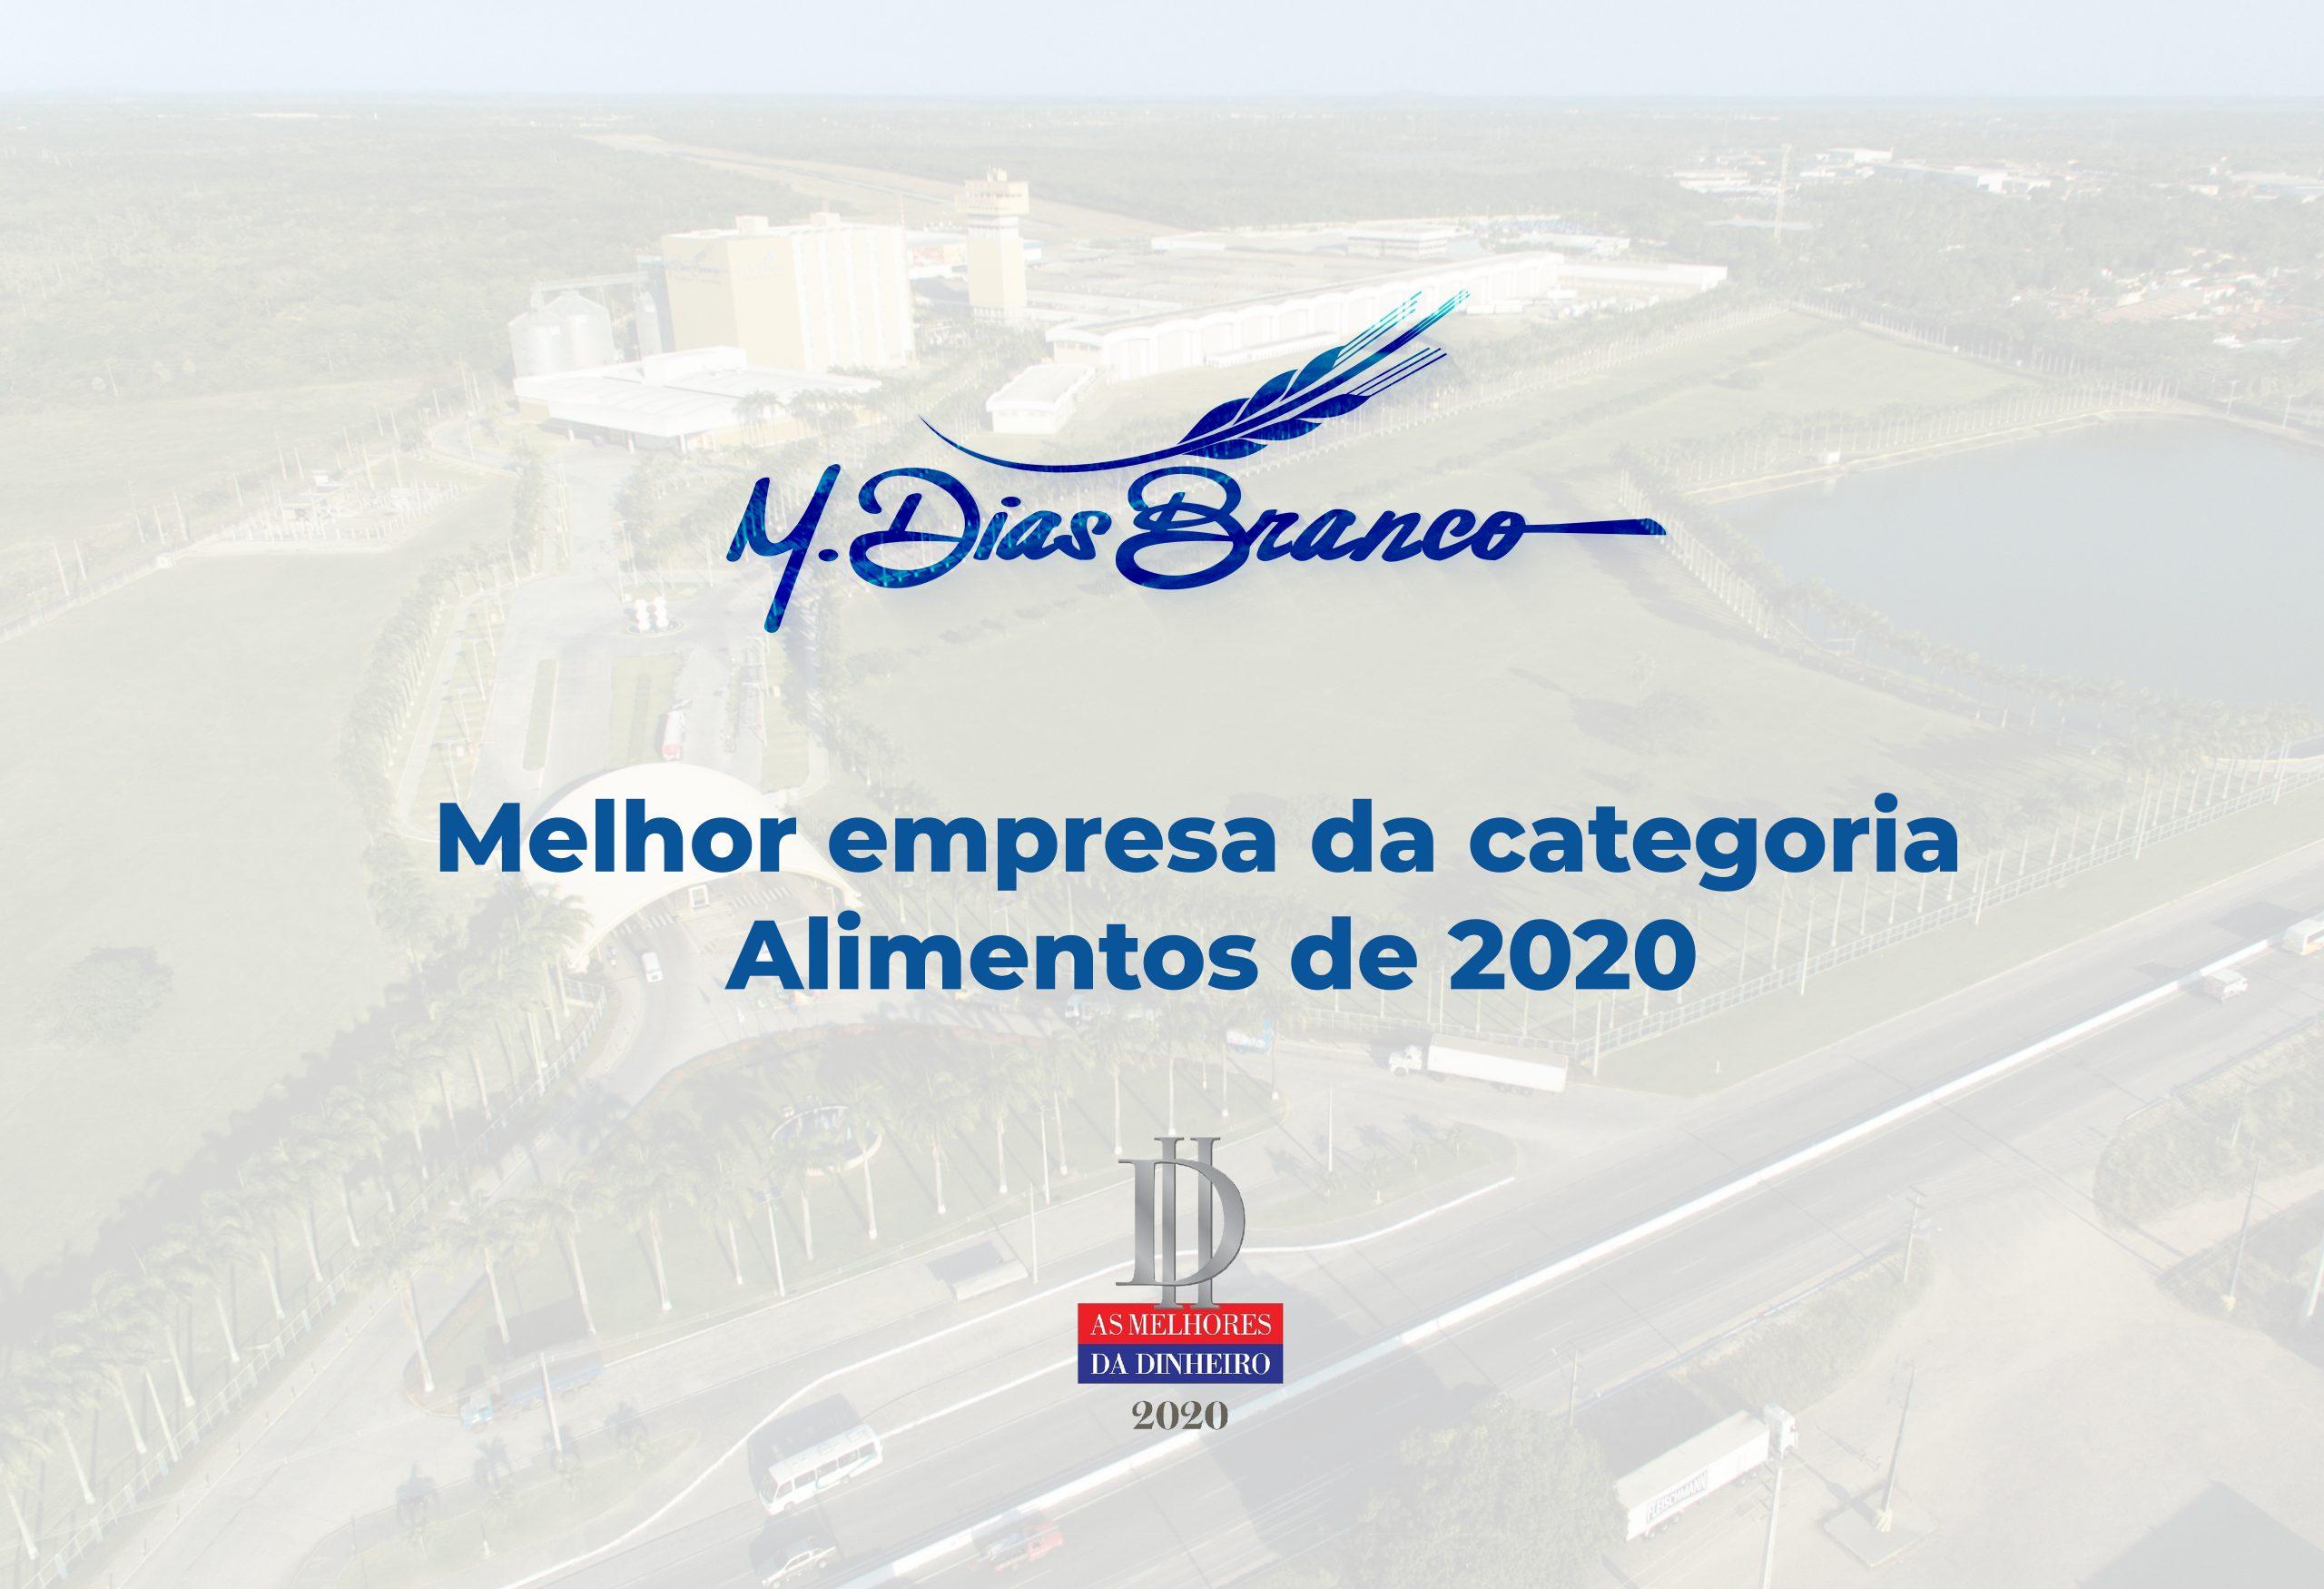 M. Dias Branco é a Melhor empresa da categoria Alimentos de 2020